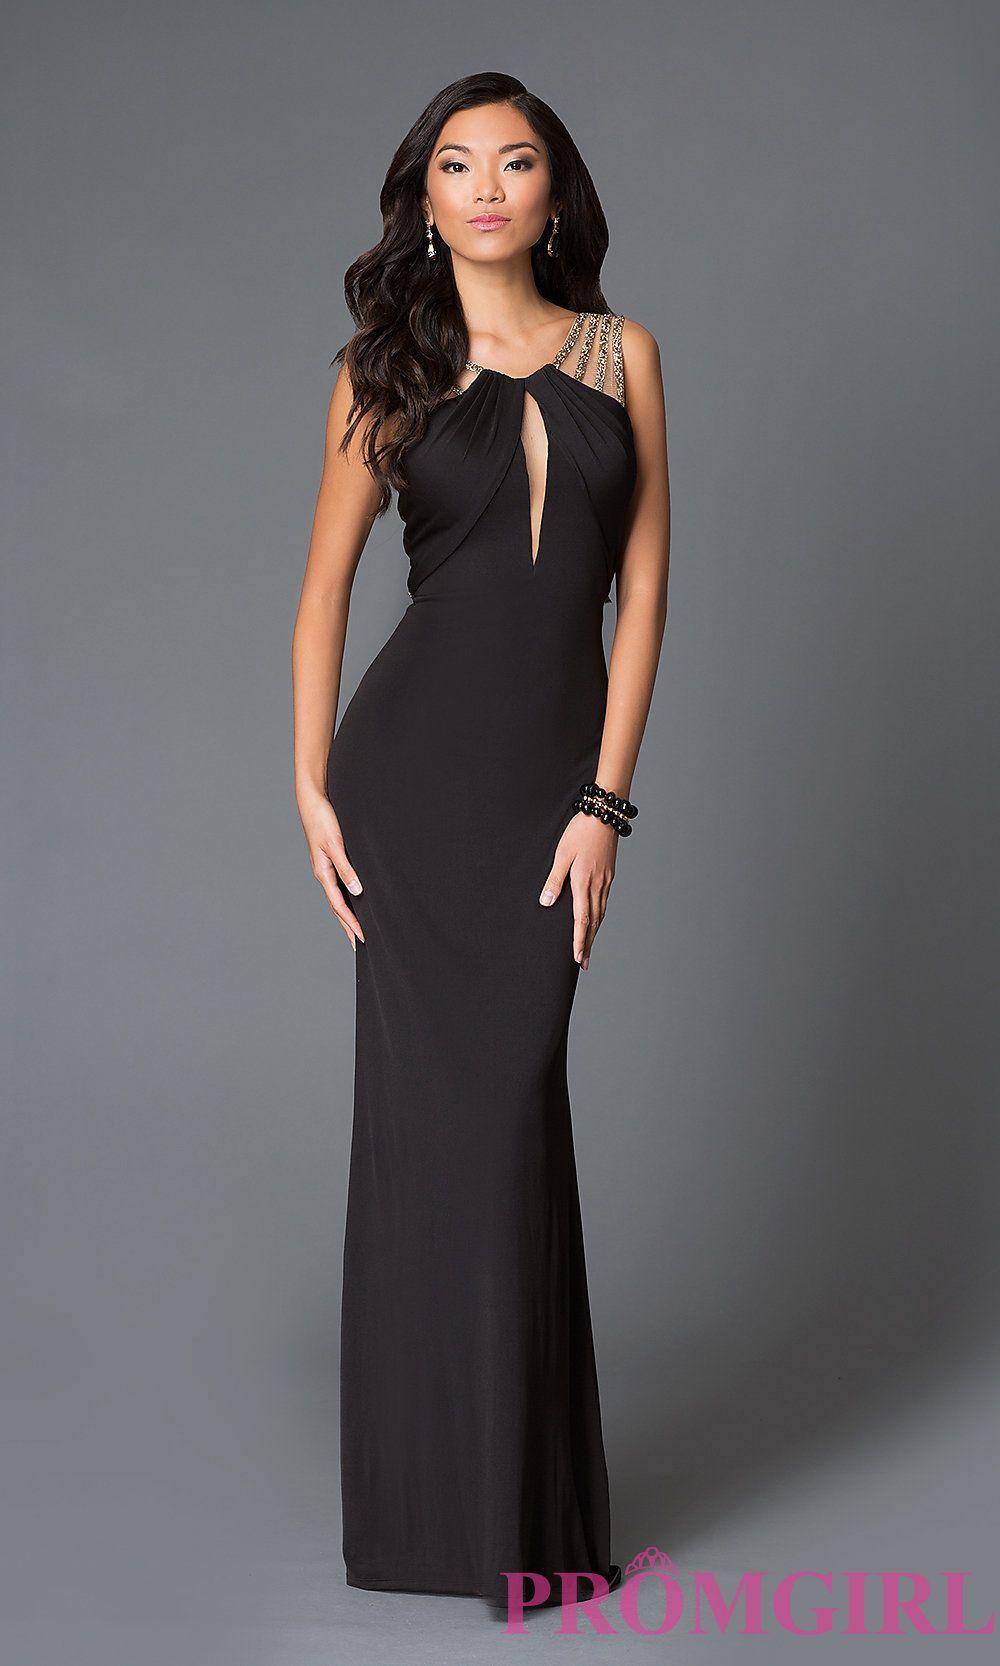 42b0ad1cffd9 Image of long open back black sleeveless dress Style: LF-AV-0839 | Black